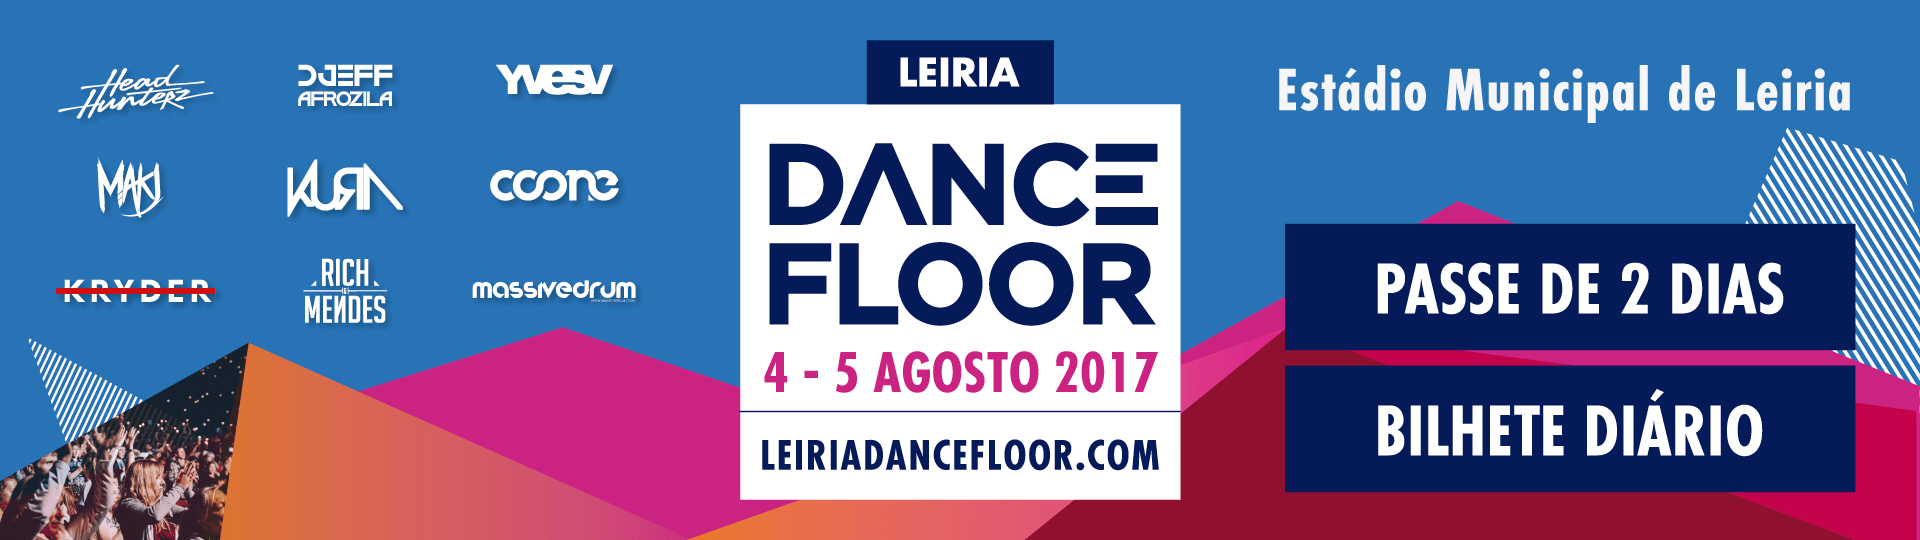 Leiria Dance Floor